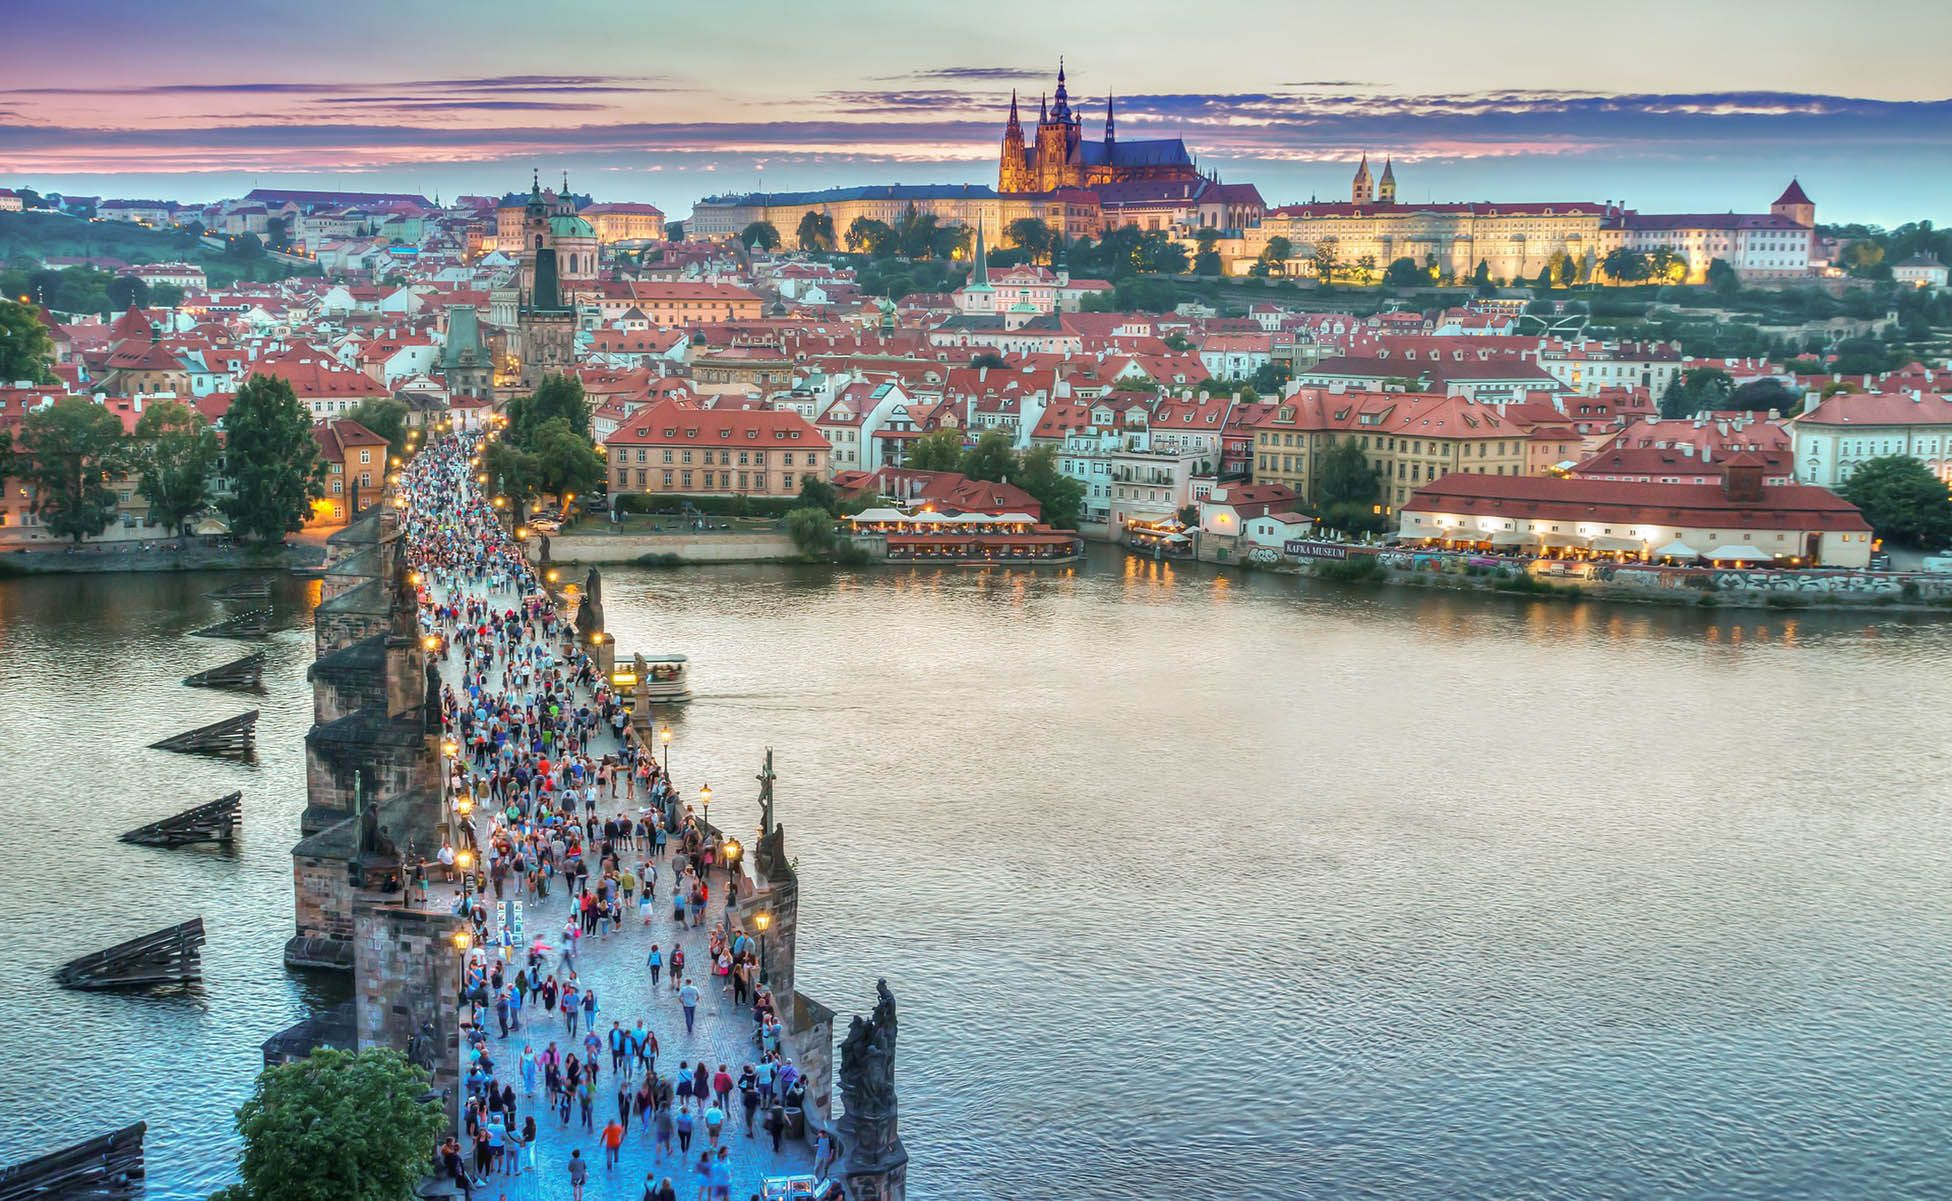 Qué Ver En Praga En 3 Días Itinerario Por Día Dónde Hospedarte Y Más Que Ver En Praga Praga Viajes A Praga